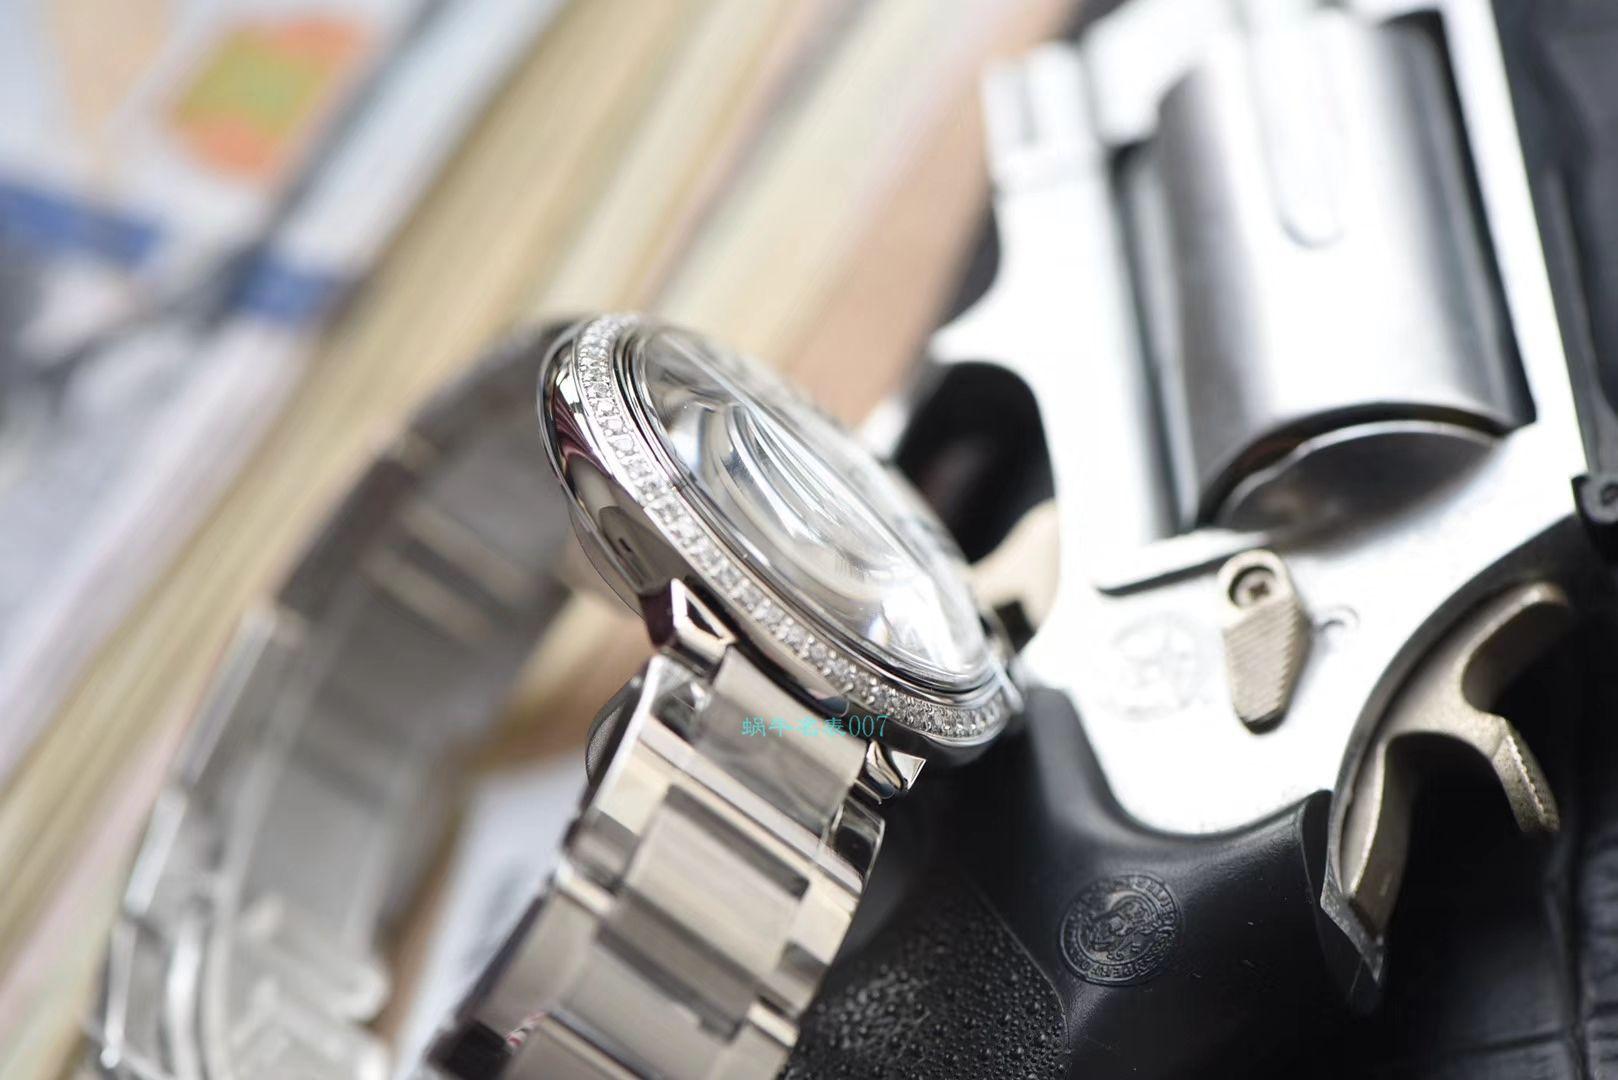 V6厂顶级复刻卡地亚蓝气球33毫米系列W4BB0016女装腕表 / K270